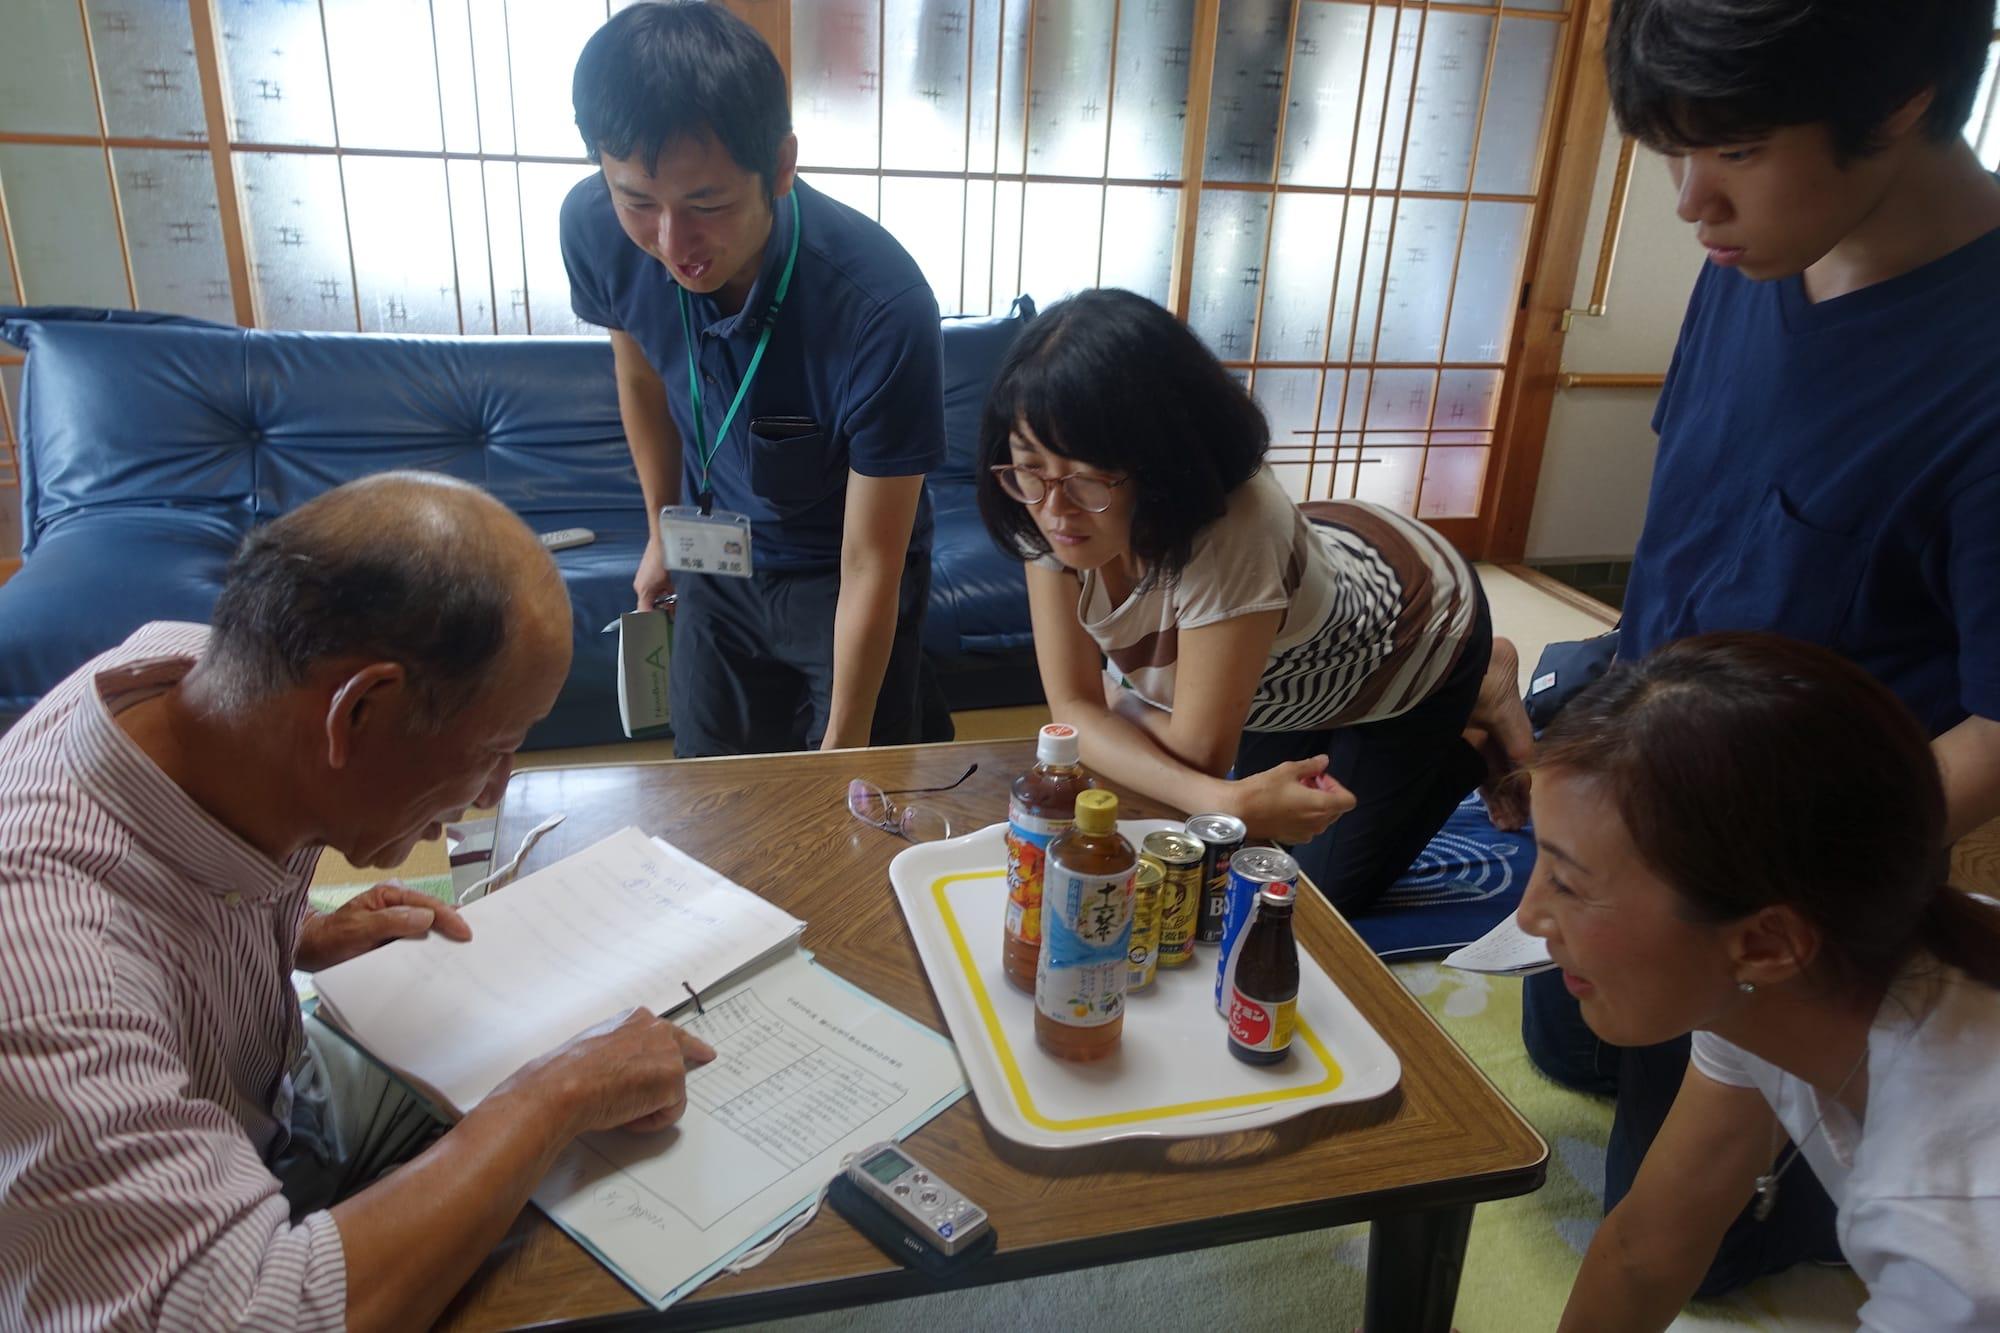 東京「芝の家」を育んできた坂倉杏介先生との共同研究では、大埜地の馬場さん宅にて神領地区の自治組織についてヒアリング(坂倉先生提供)。